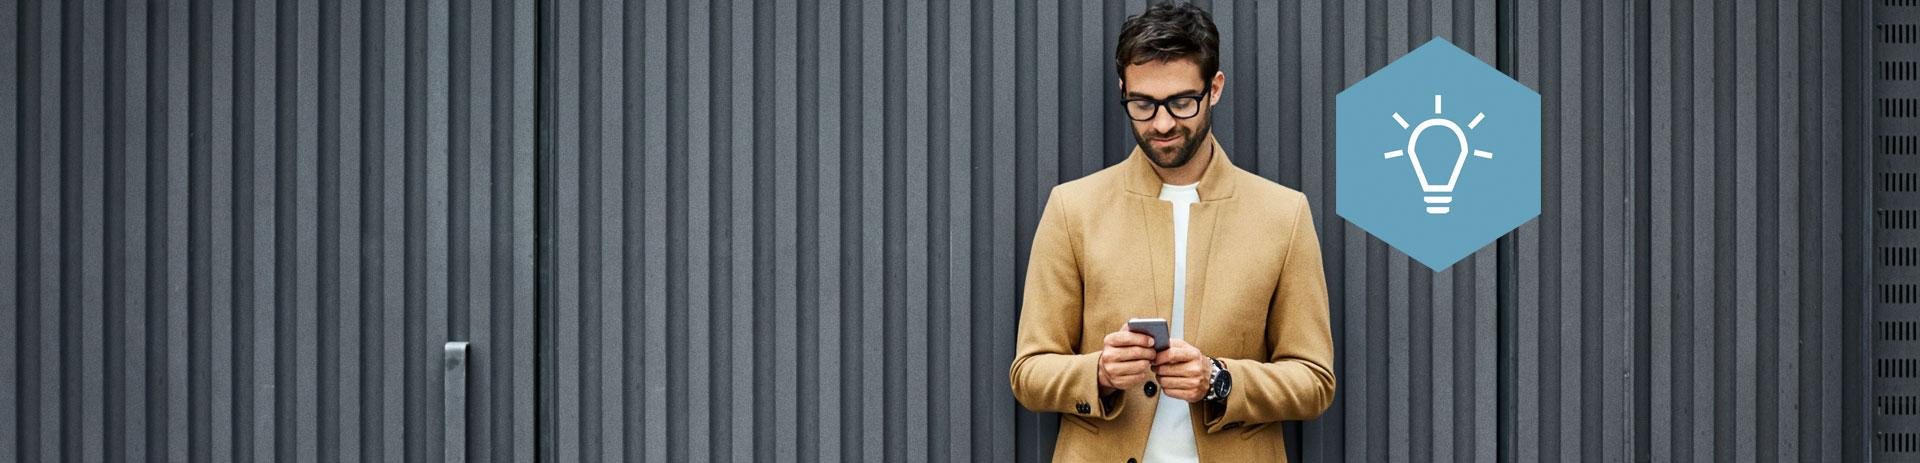 A1 Guru erklärt Funktionen eines Smartphones